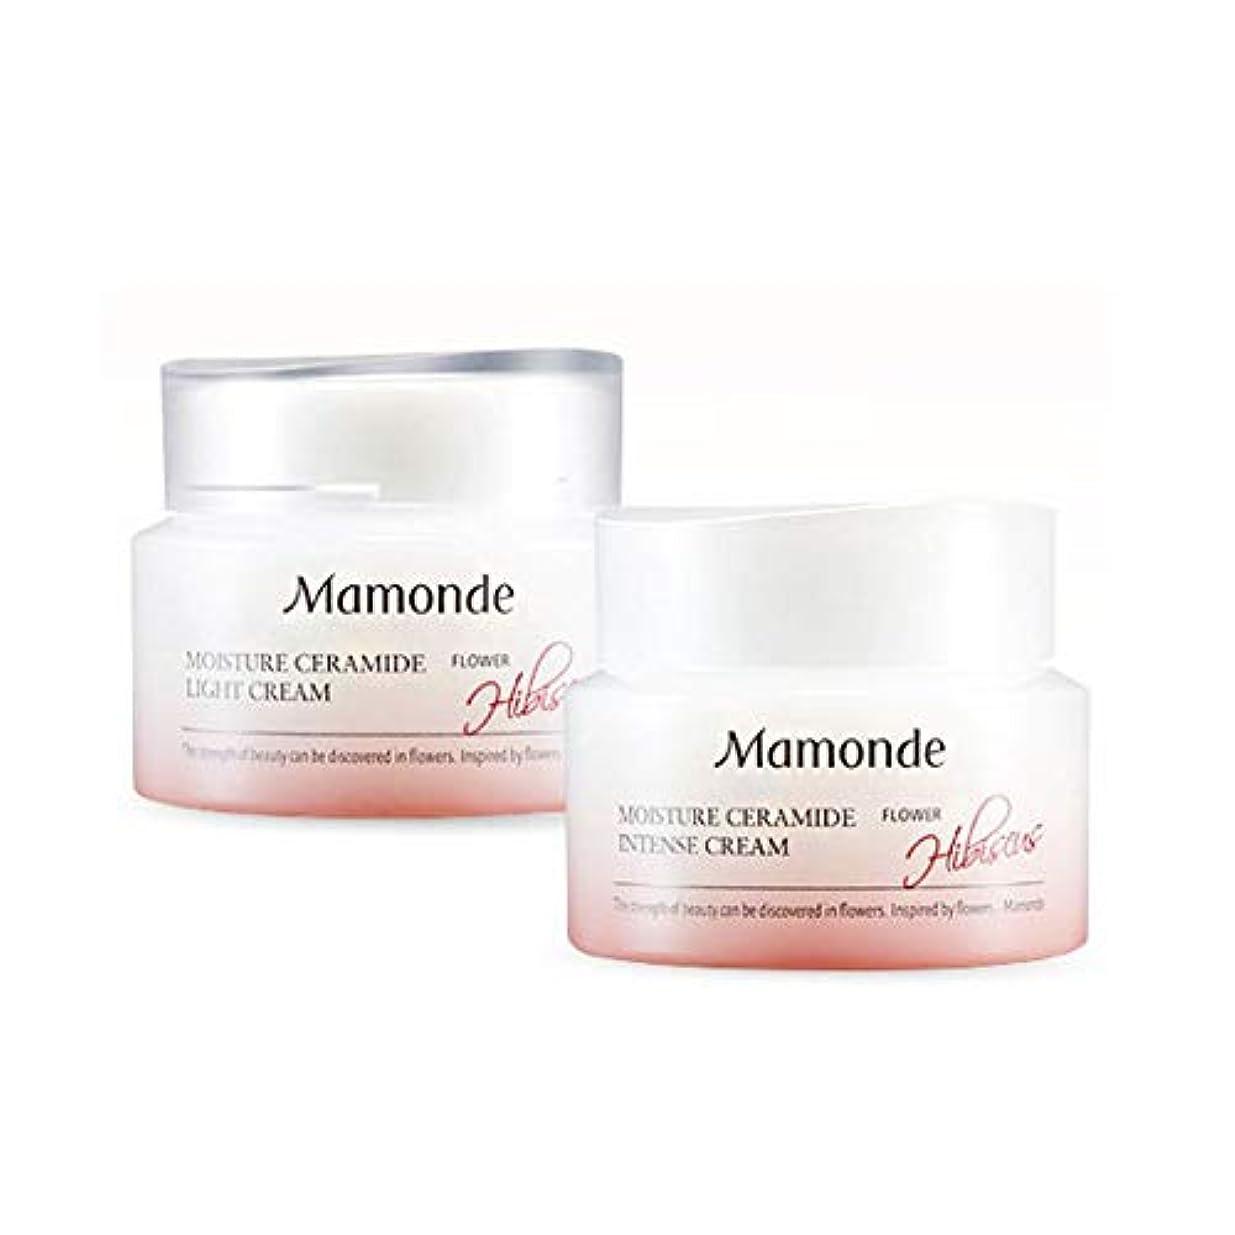 ファシズムタイピスト不器用マモンドモイスチャーセラミドインテンスクリーム50mlx2本セット韓国コスメ、Mamonde Moisture Ceramide Intense Cream 50ml x 2ea Set Korean Cosmetics...